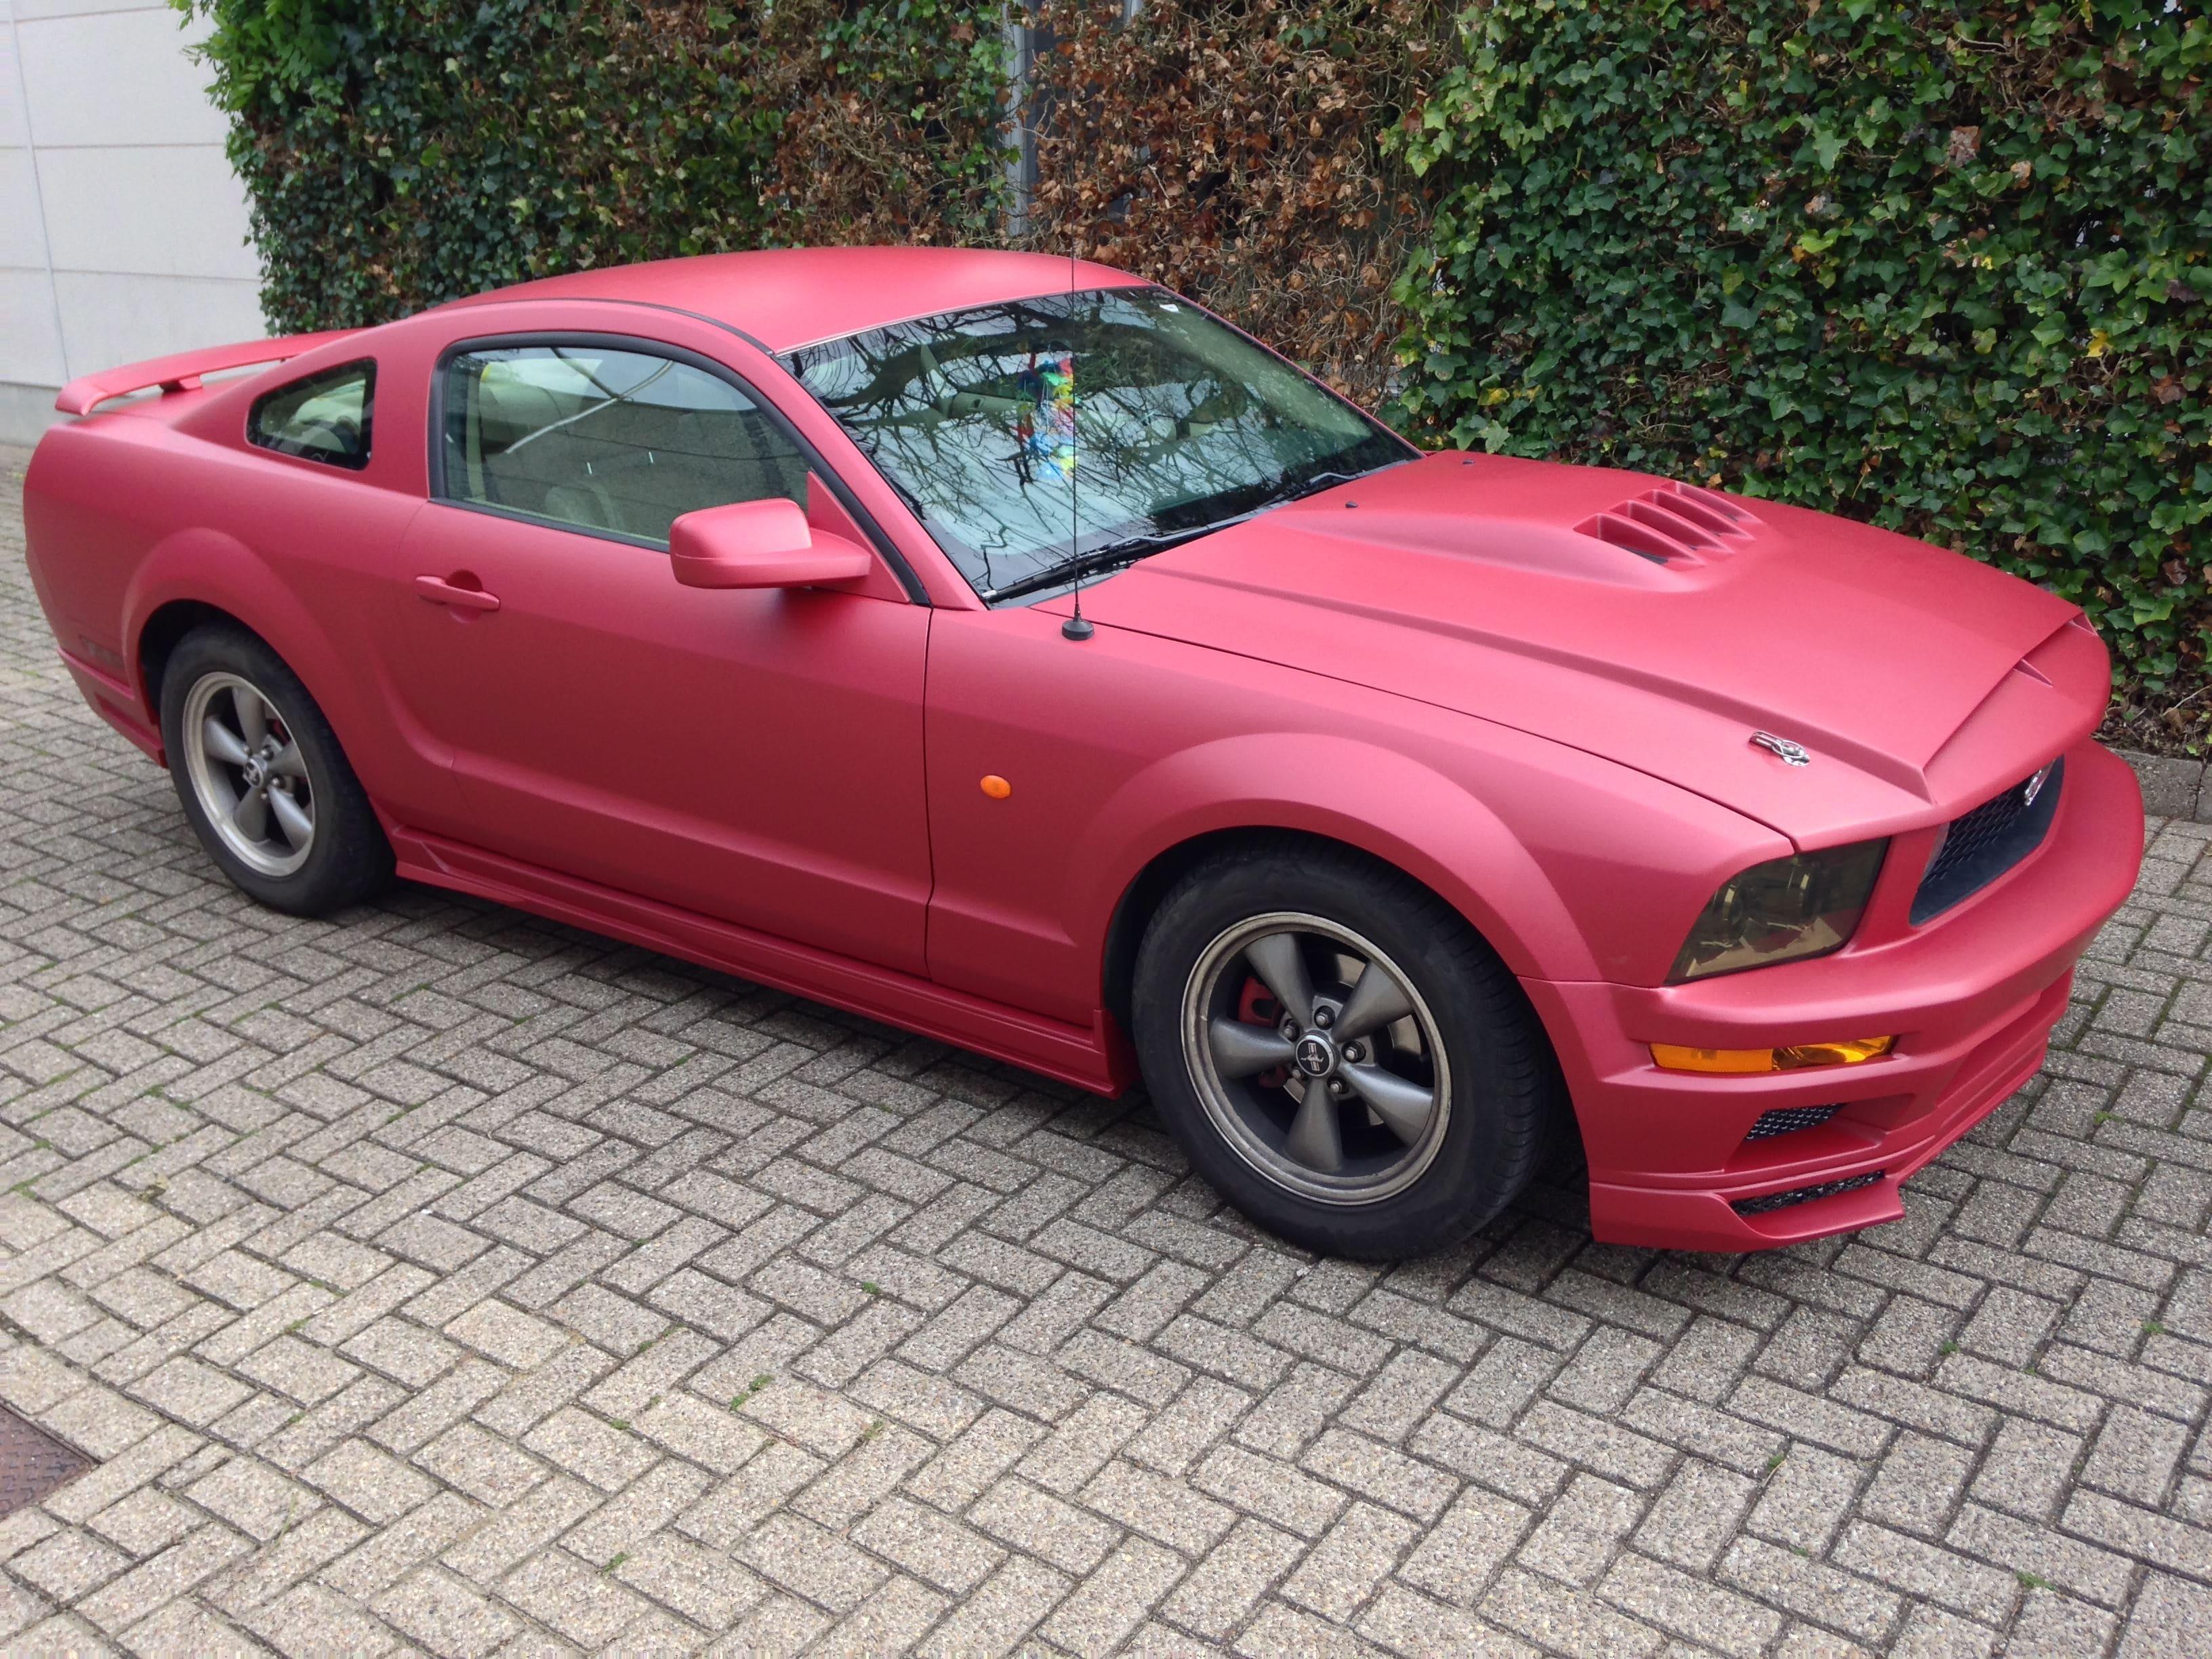 Ford Mustang 2009 met Mat Rode wrap, Carwrapping door Wrapmyride.nu Foto-nr:5833, ©2020